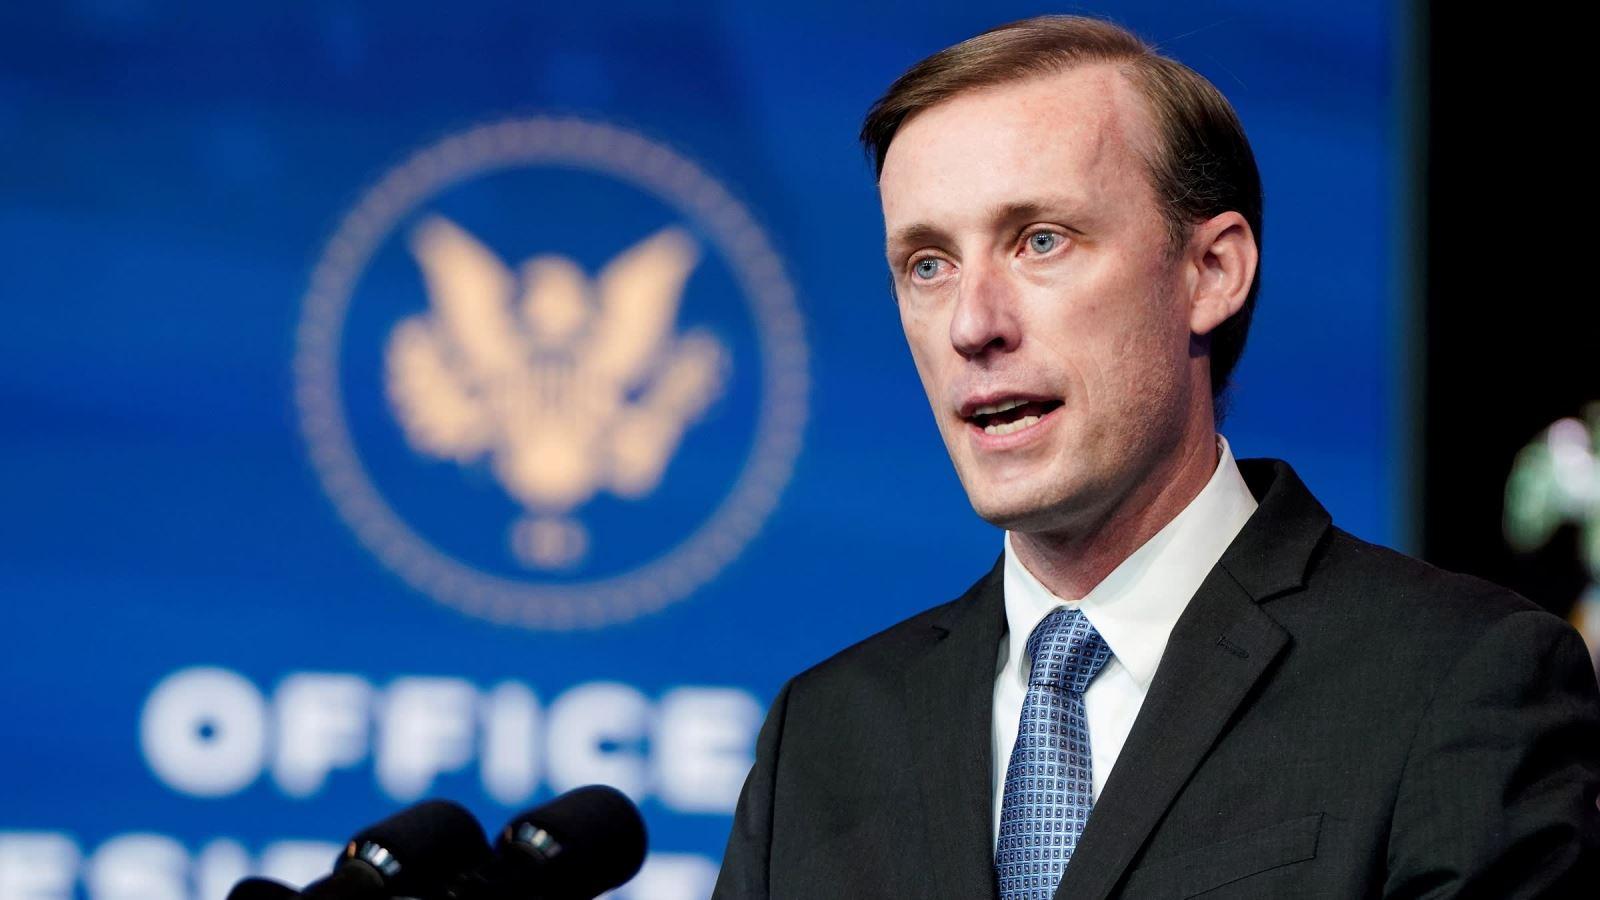 """Cố vấn An ninh Quốc gia Mỹ Jake Sullivan tái khẳng định mong muốn thúc đẩy hợp tác Mỹ-Nhật Bản hướng đến một """"Ấn Độ Dương-Thái Bình Dương tự do và mở"""". Ảnh: Reuters"""